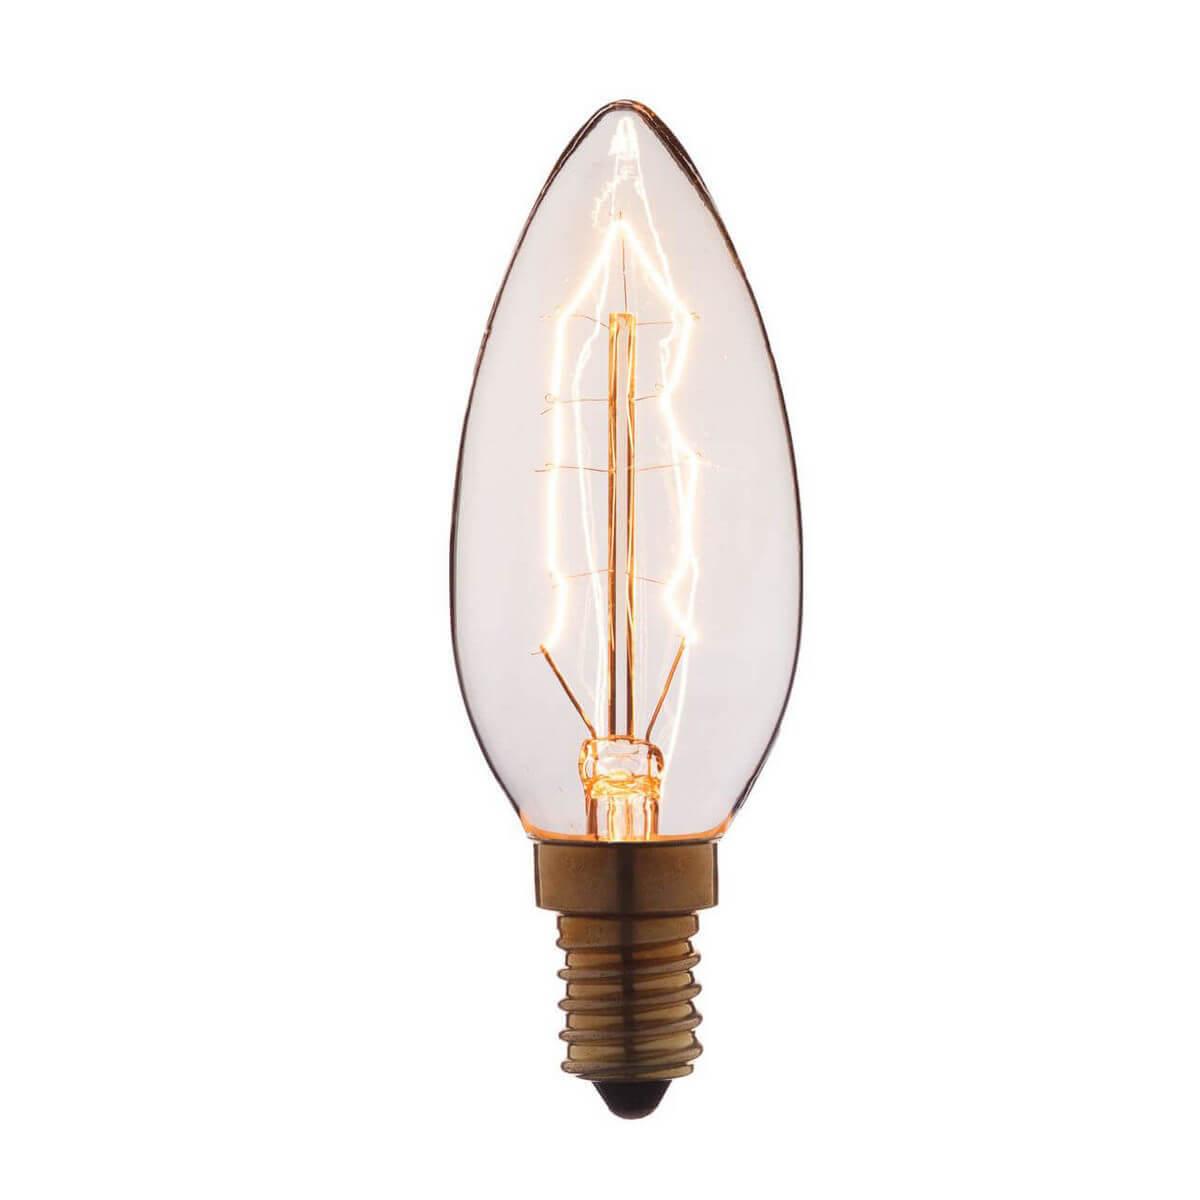 Лампа накаливания E14 60W прозрачная 3560 phillips лампа накаливания ge 60w e14 свеча прозрачная